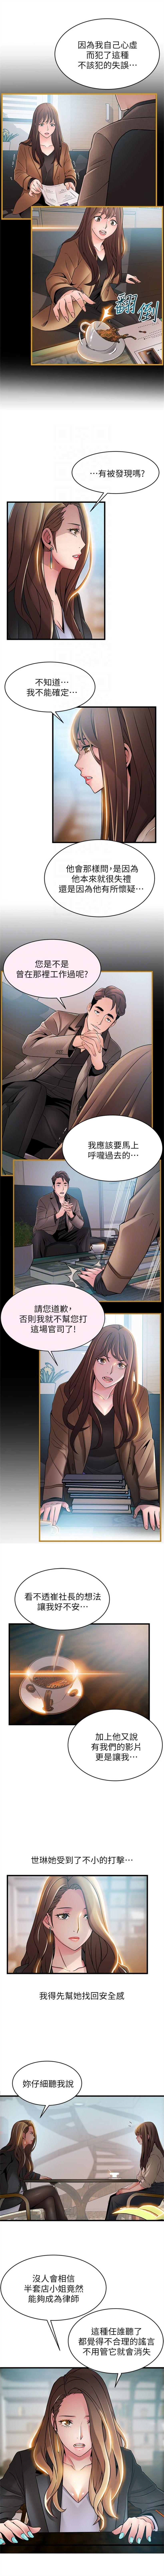 弱点 1-64 中文翻译(更新中) 259